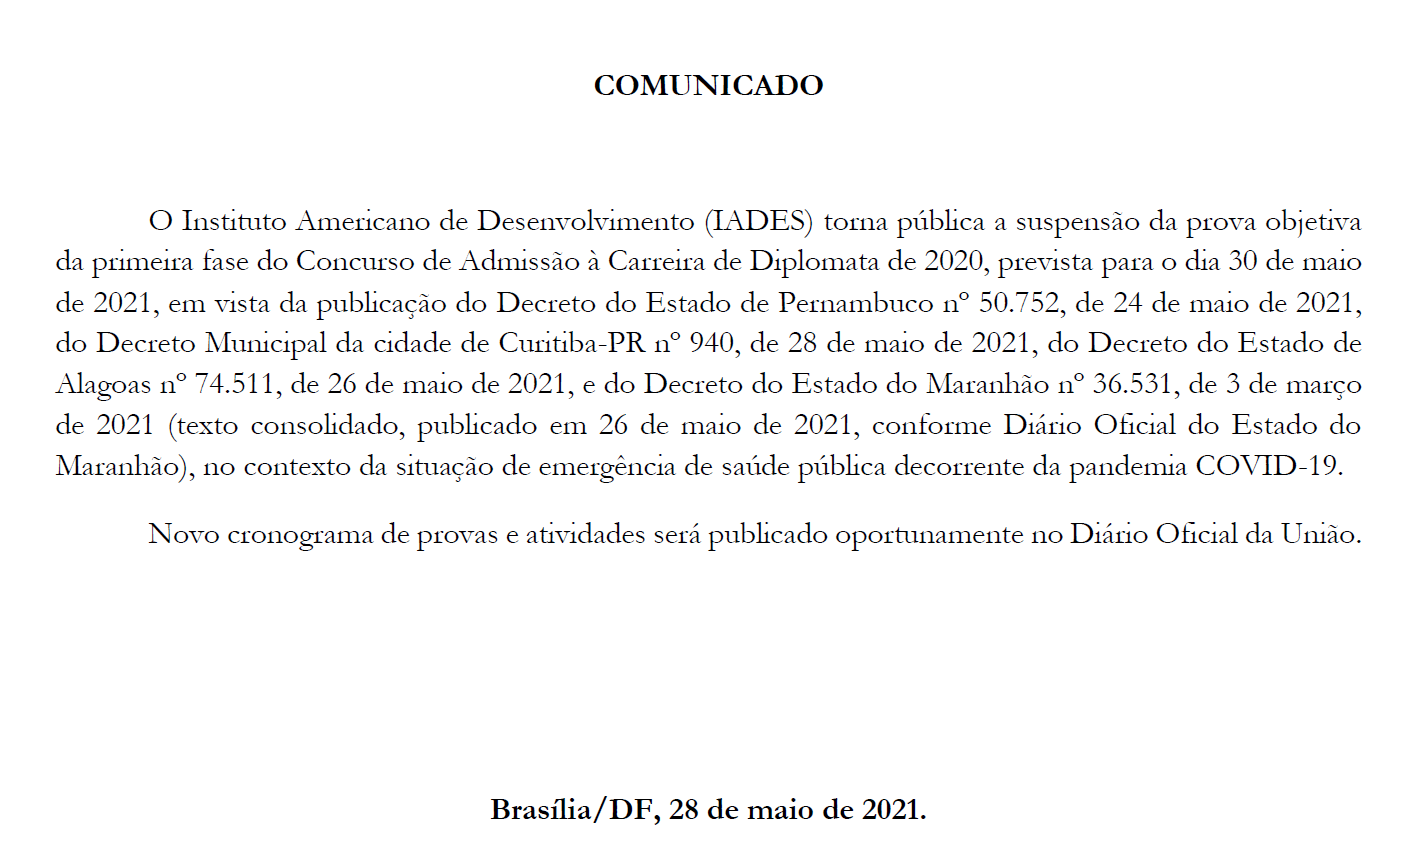 Concurso Diplomata 2020: comunicado de suspensão